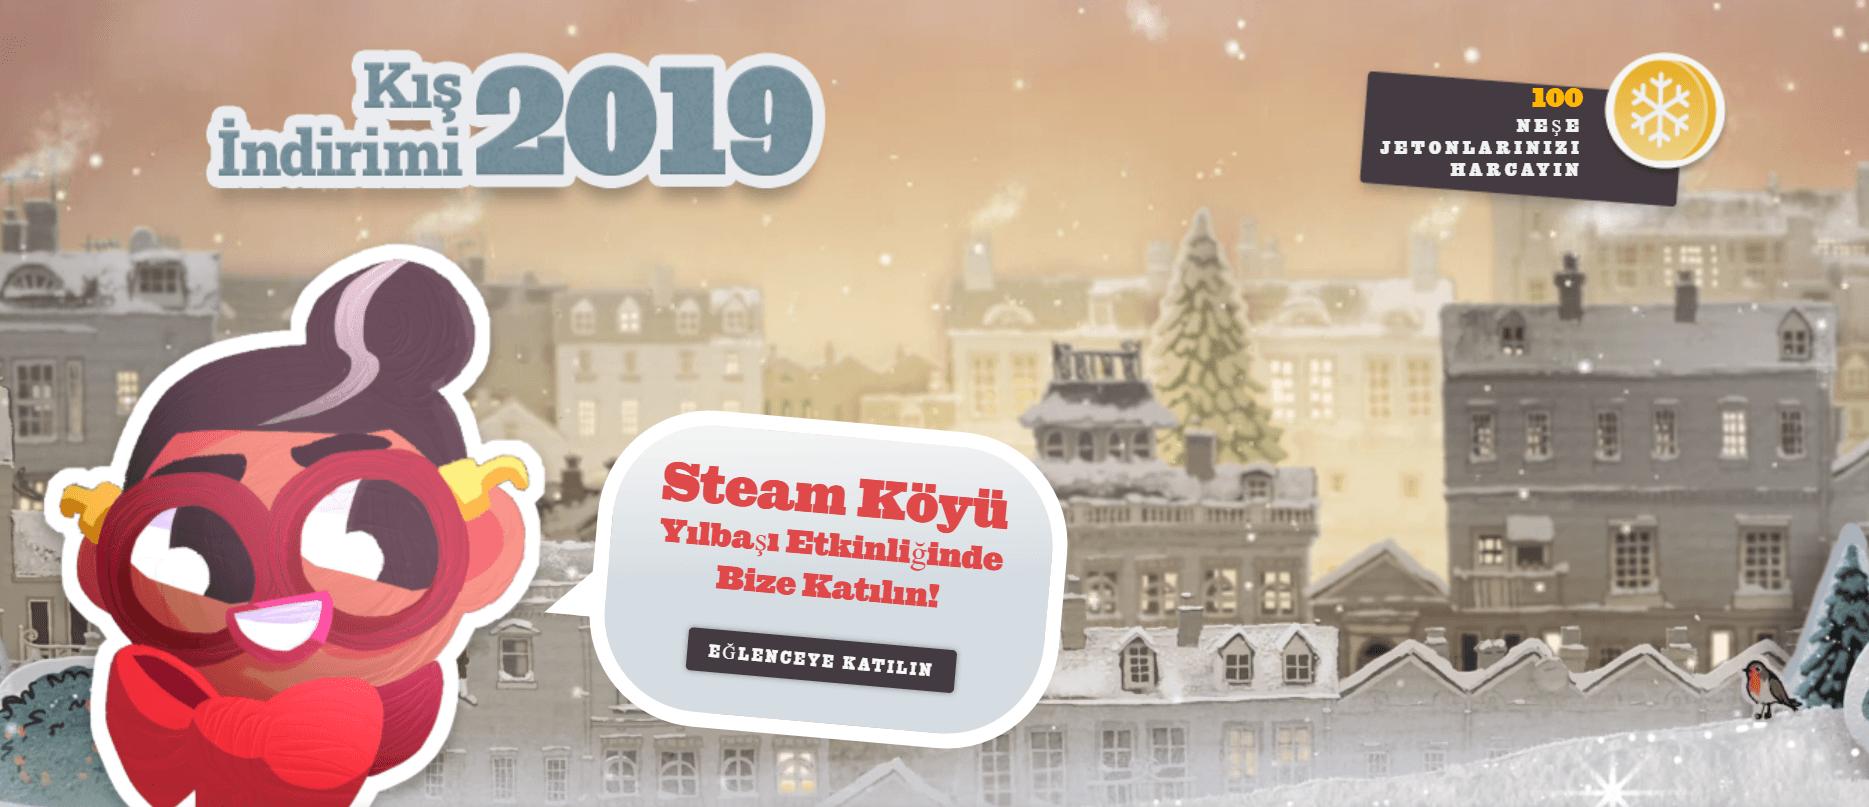 Steam Köyü Yılbaşı Etkinliği Nedir ? Neşe Jetonları Kazanma